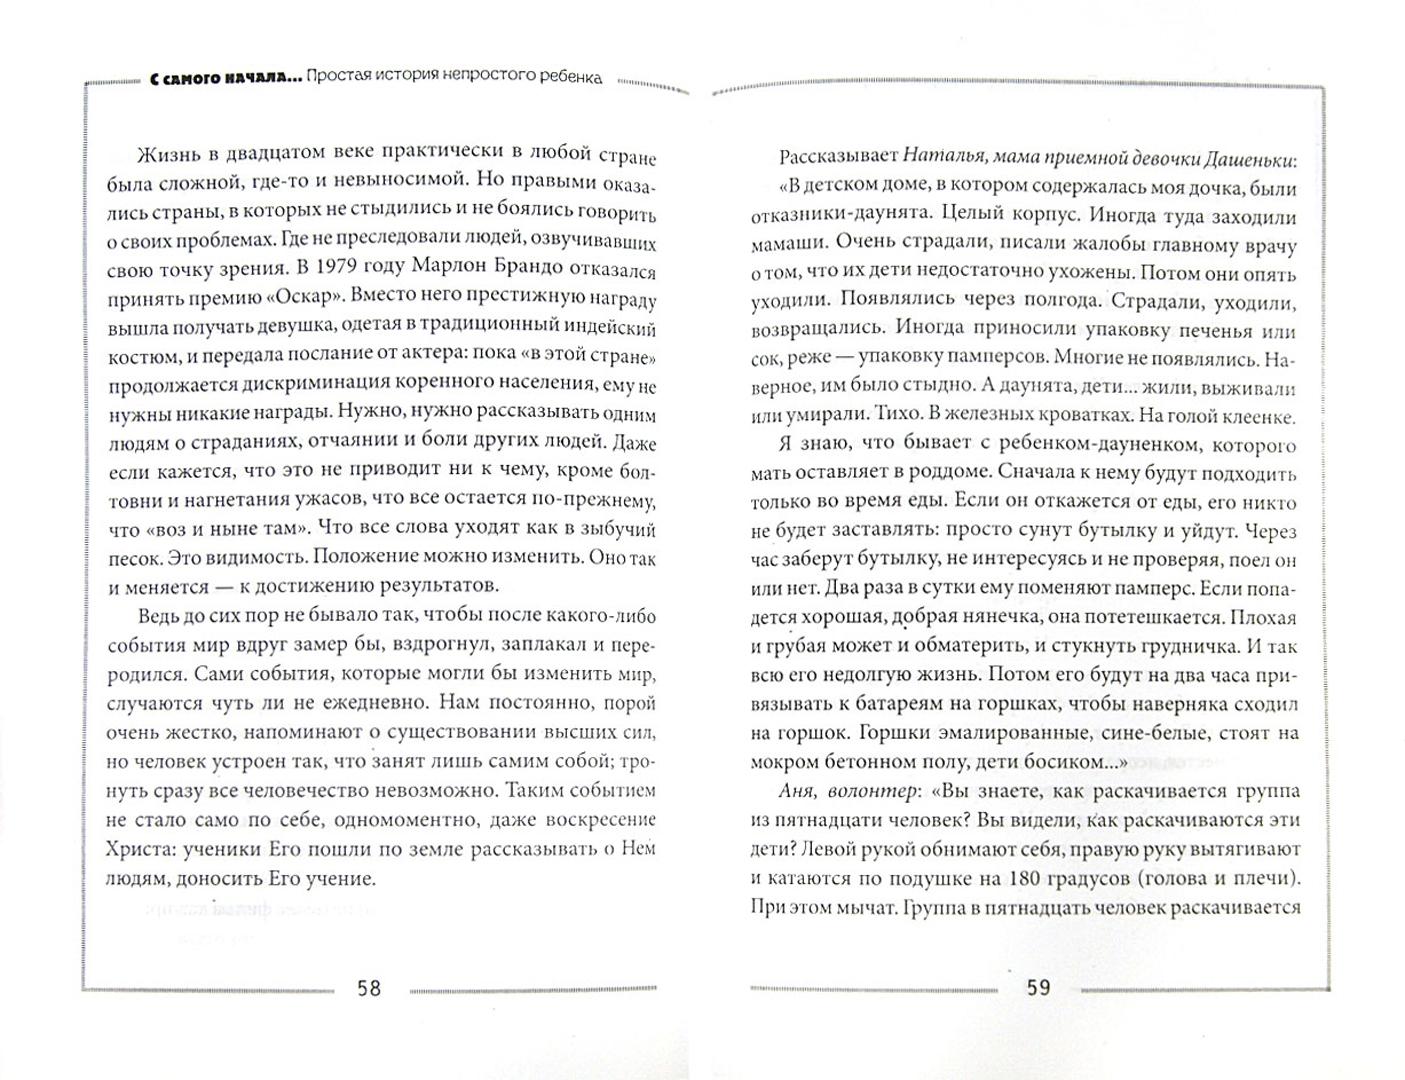 Иллюстрация 1 из 7 для С самого начала... Простая история непростого ребенка - Нонна Кицмаришвили | Лабиринт - книги. Источник: Лабиринт